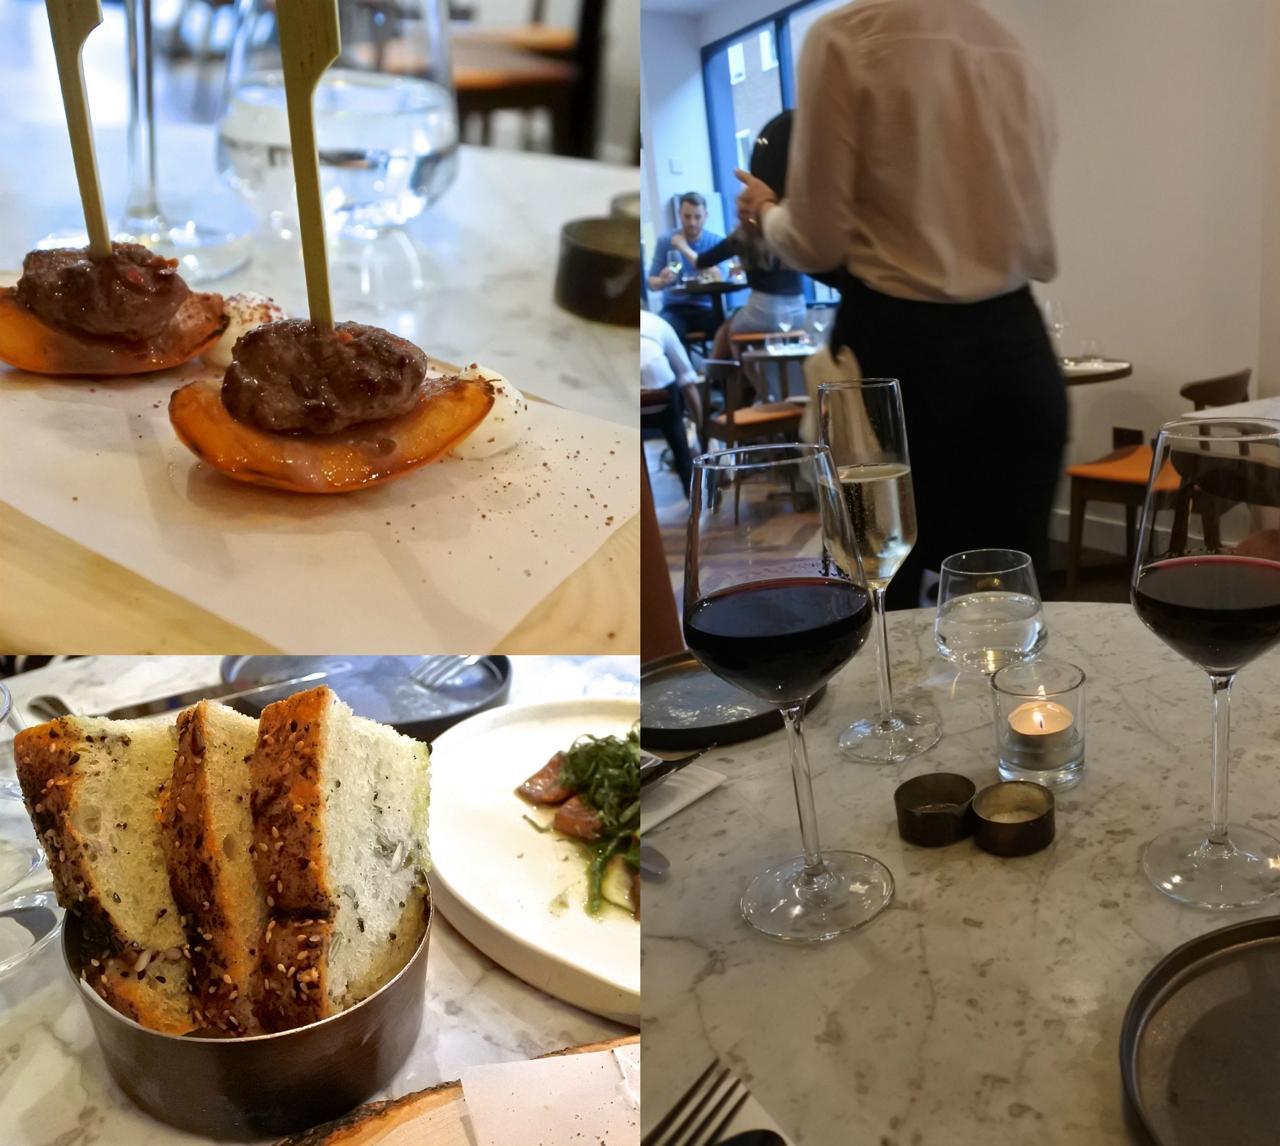 左上のカナッペは、ラム肉をグリルしたアプリコットにのせた一品で美味しいのだけど、1本のお値段は安くないです。左下の自家製パンも美味しい!